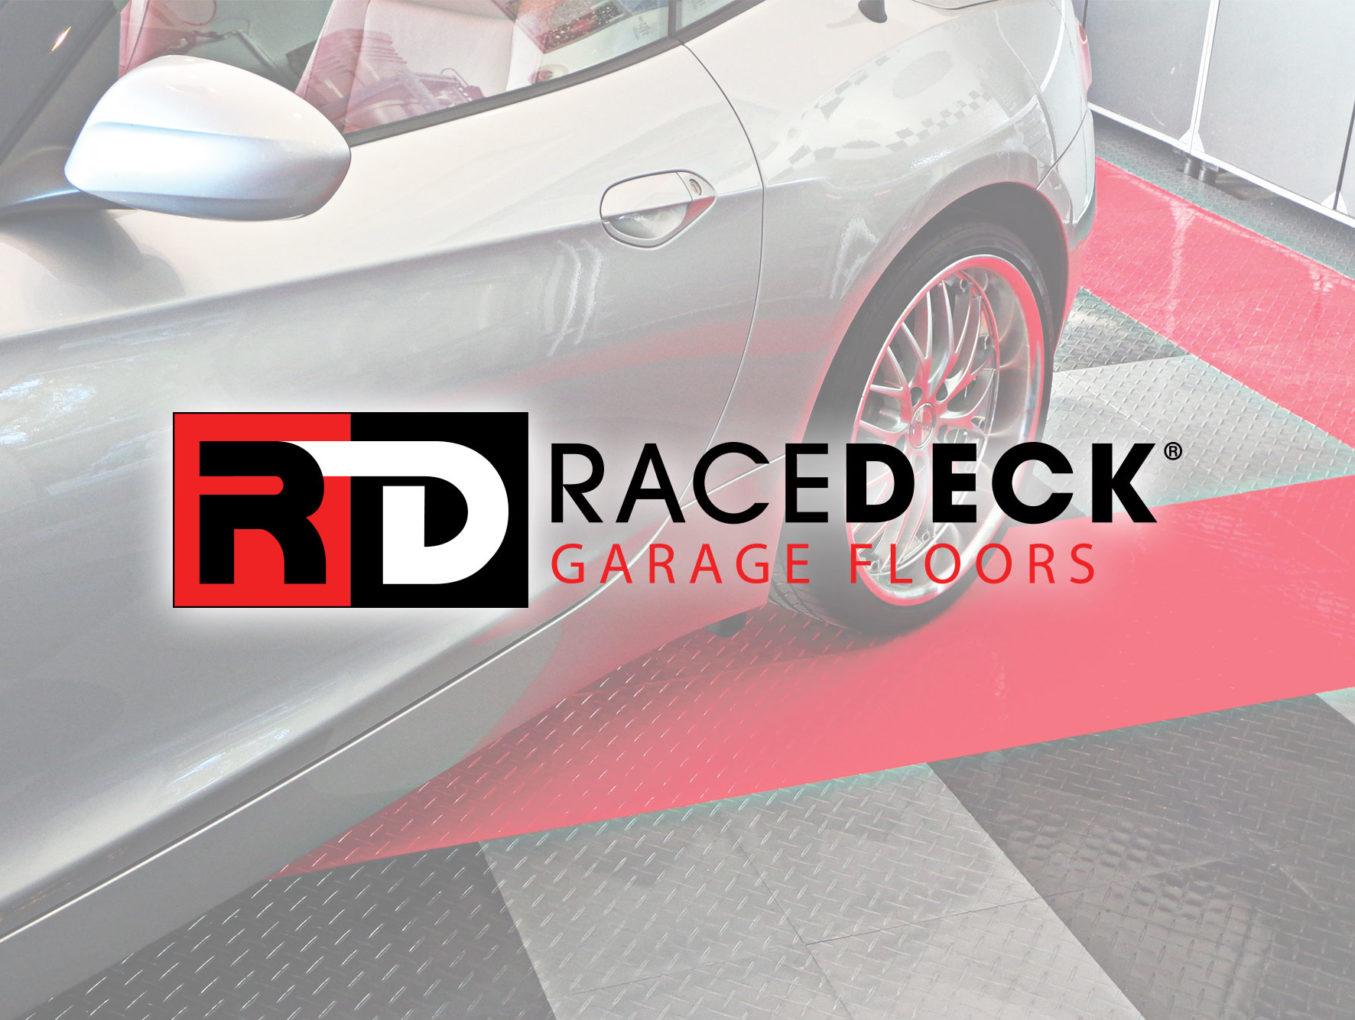 RaceDeck Floors